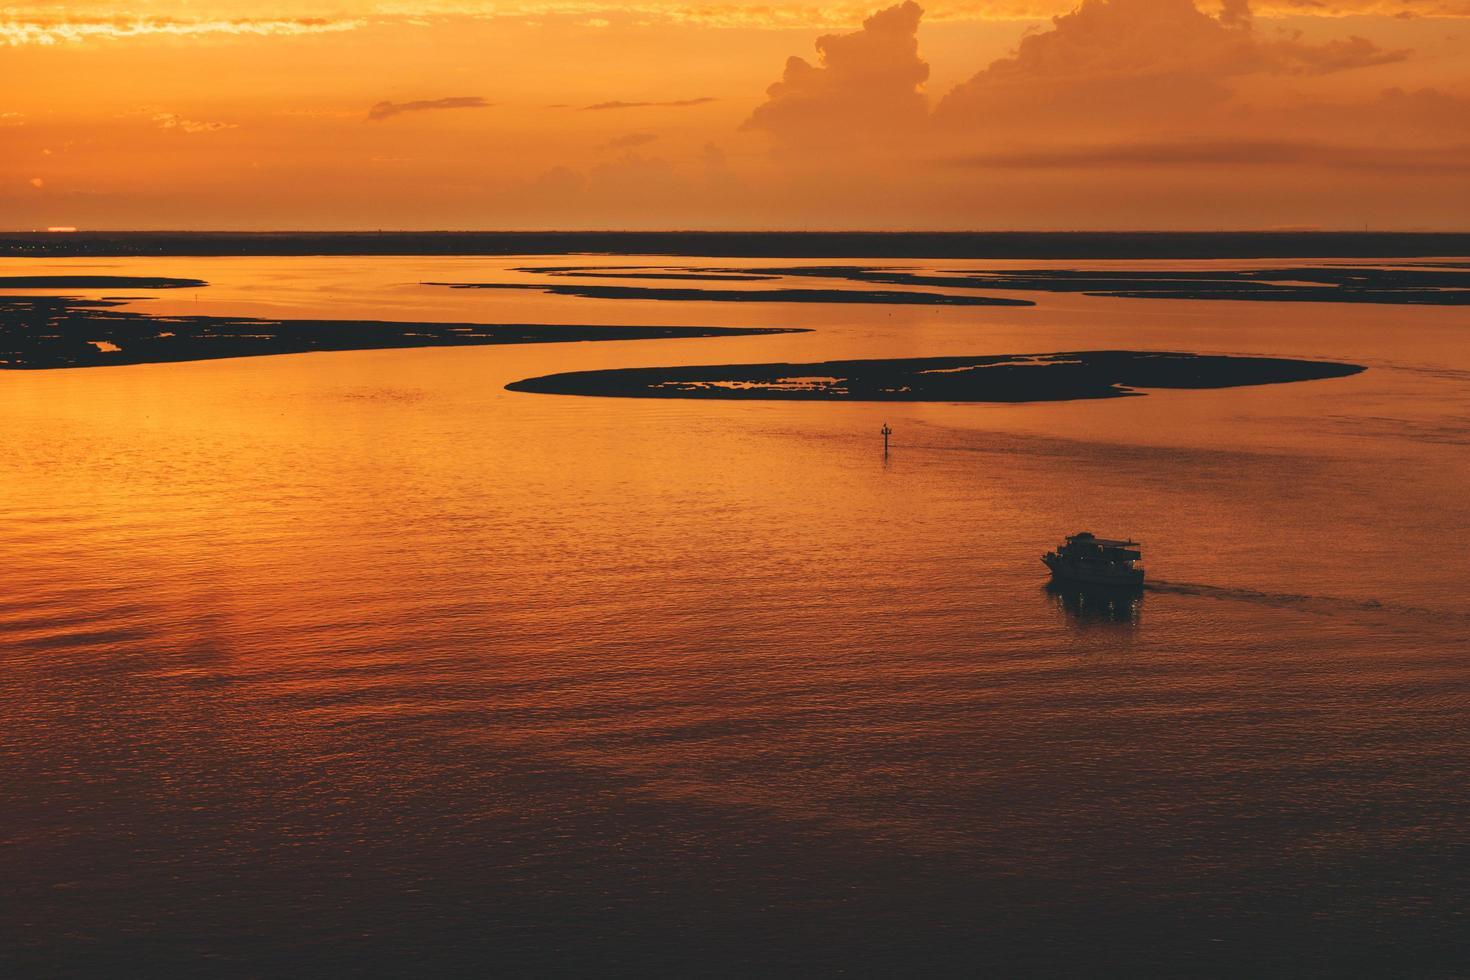 flygfoto av lugnt vatten nära öar foto